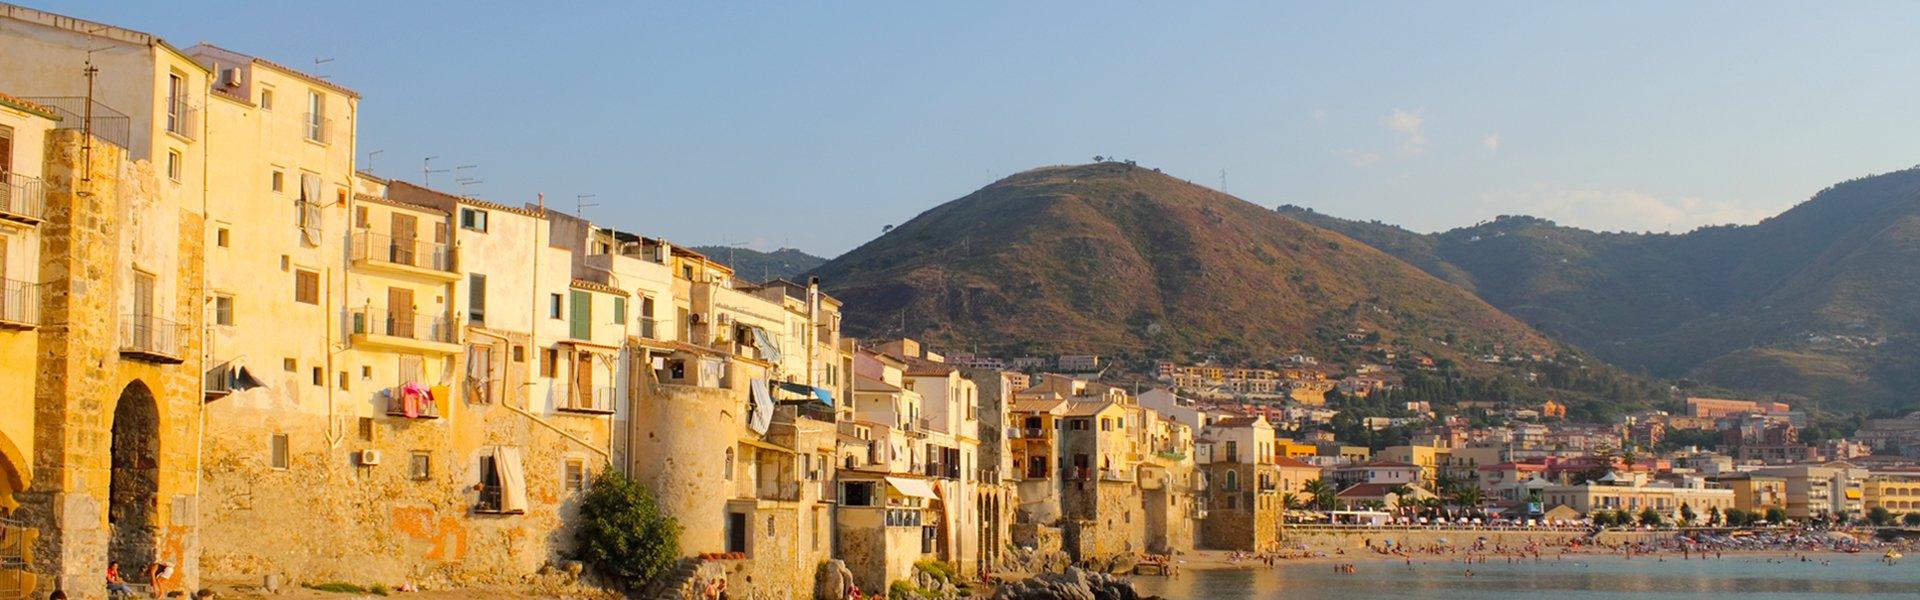 Cefalù in Sicilië, Italië